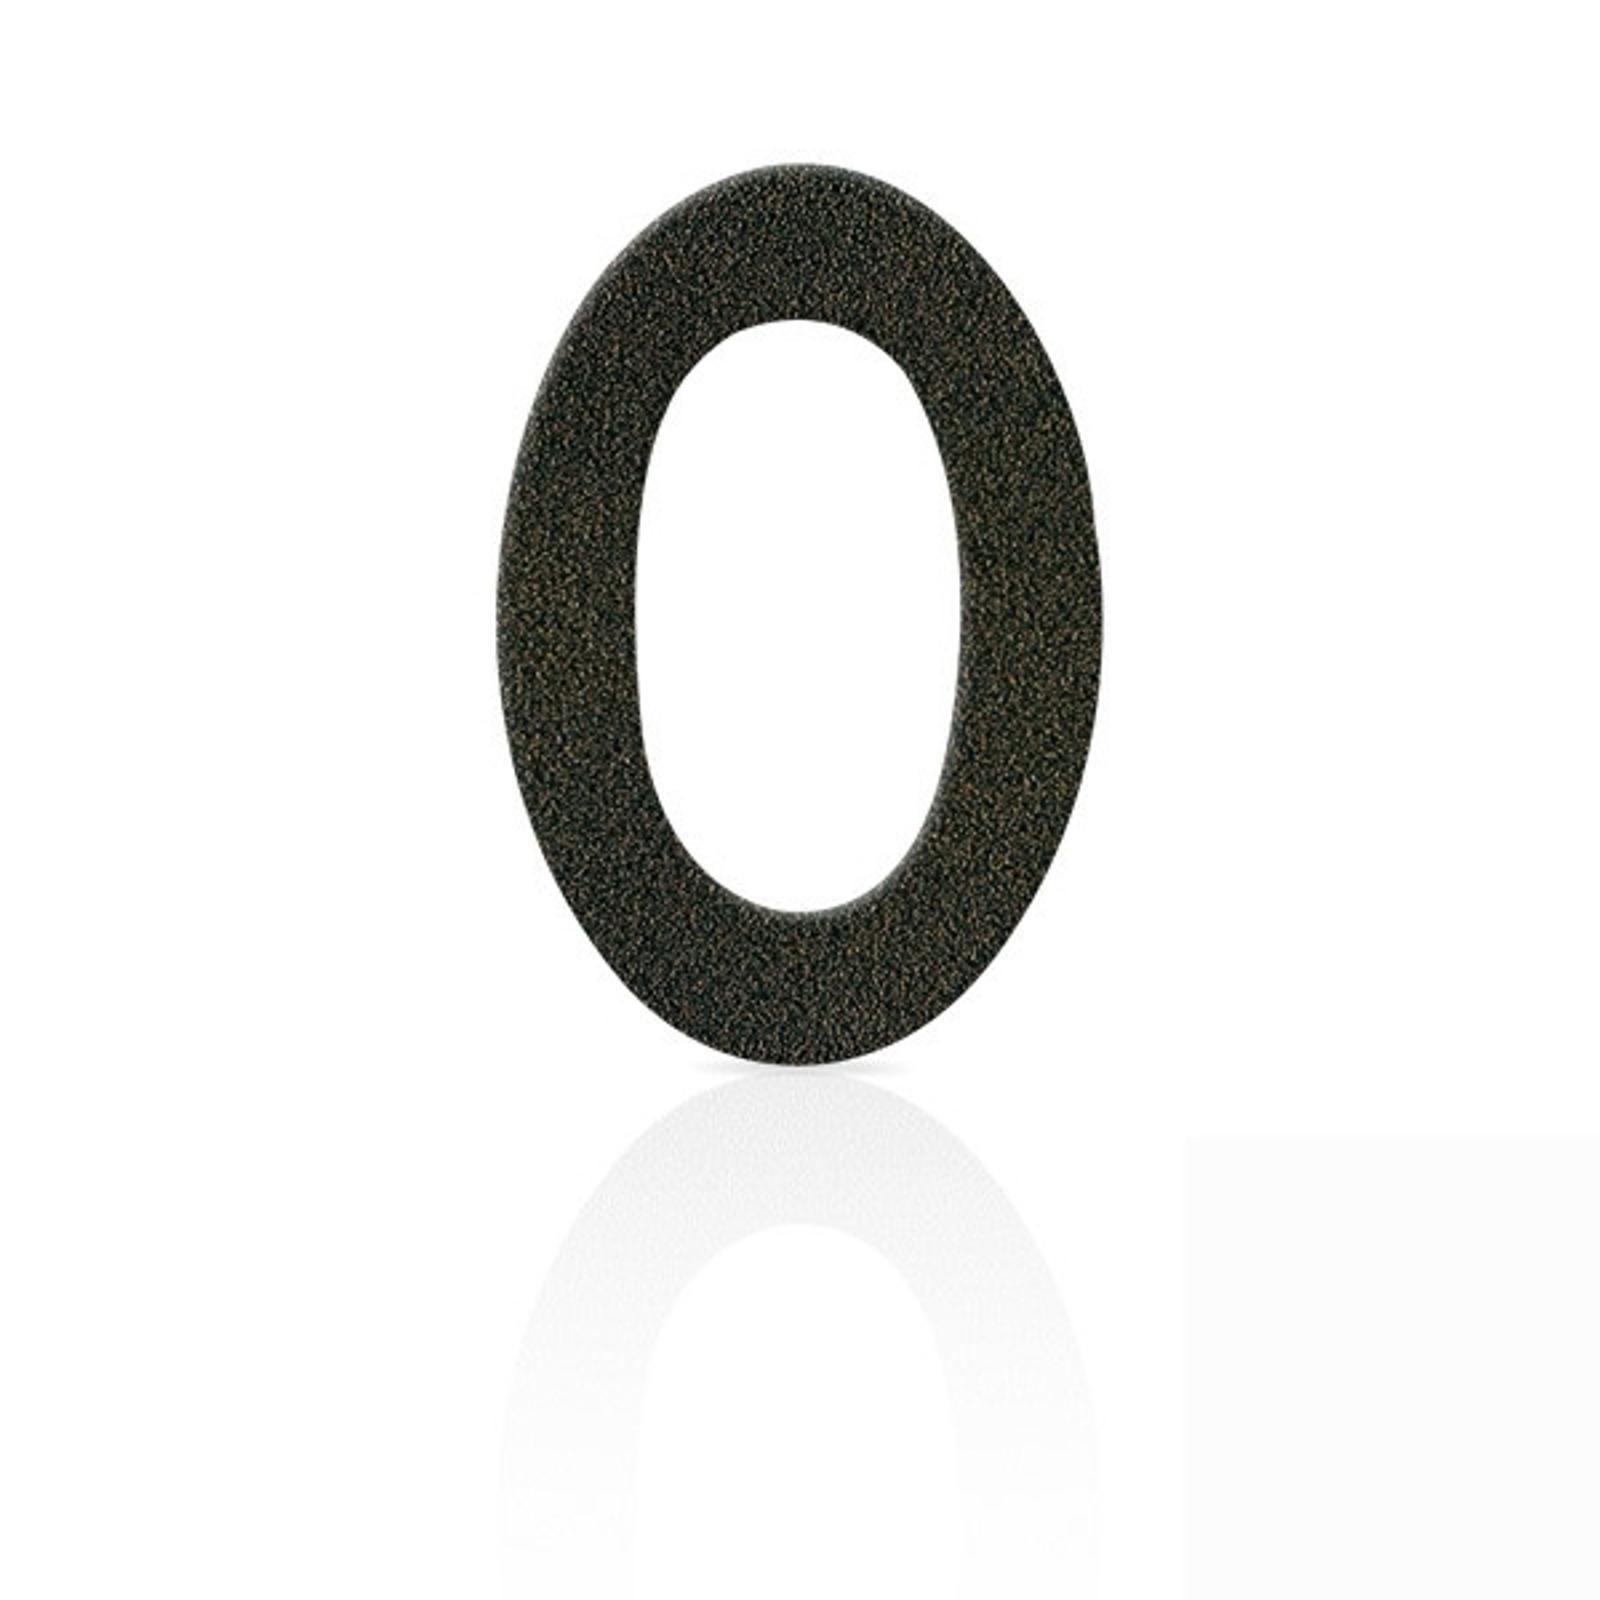 Gatenummerskilt rustfritt stål tallet 0 mokkabrunt